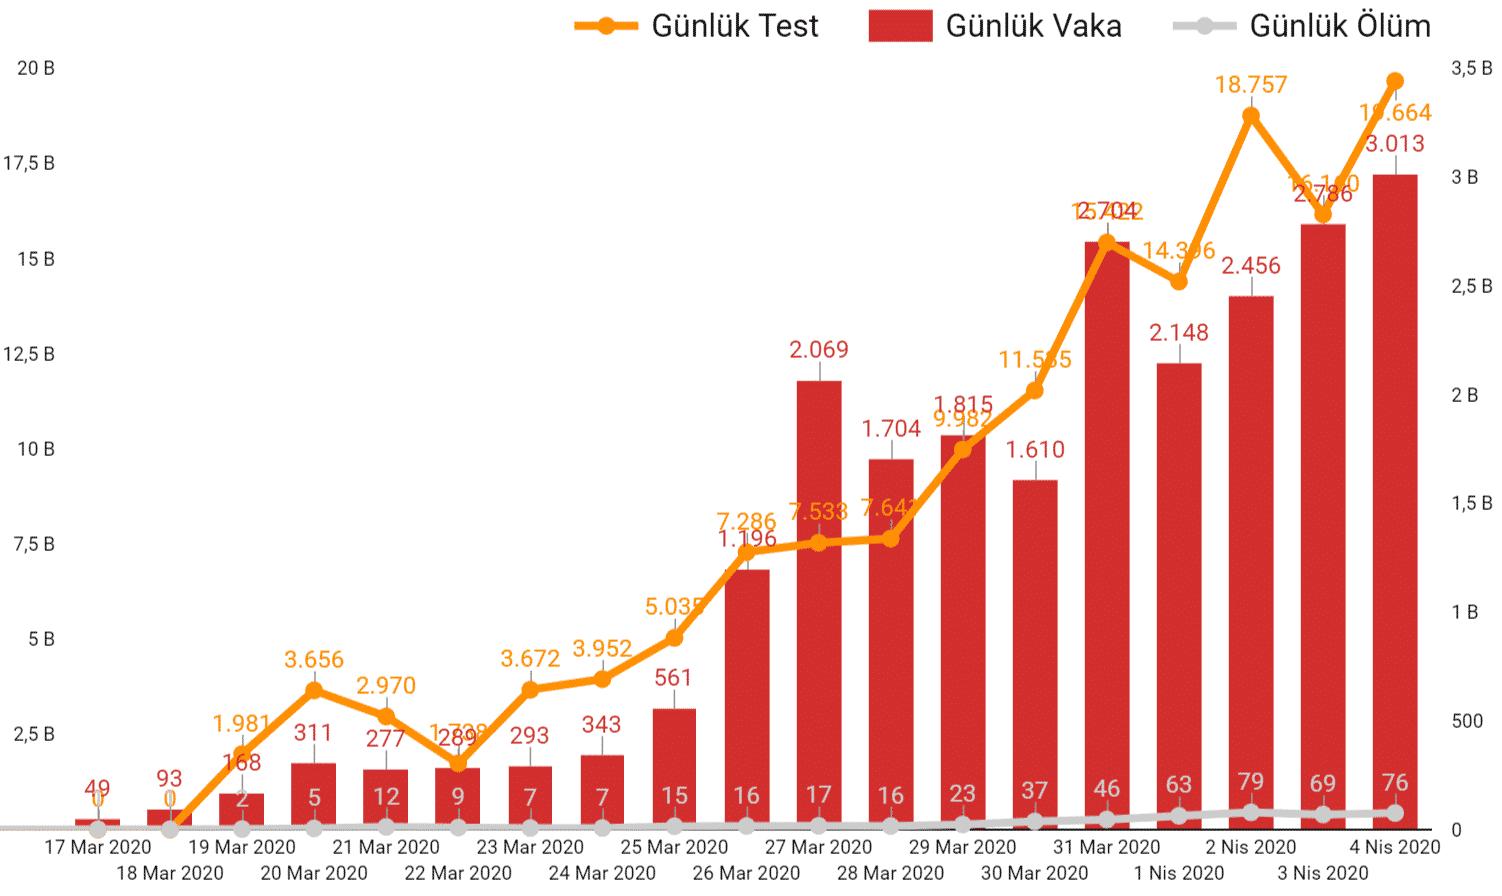 Türkiye günlere göre koronavirüs salgını nedeniyle gerçekleşen ölüm ve vakalar